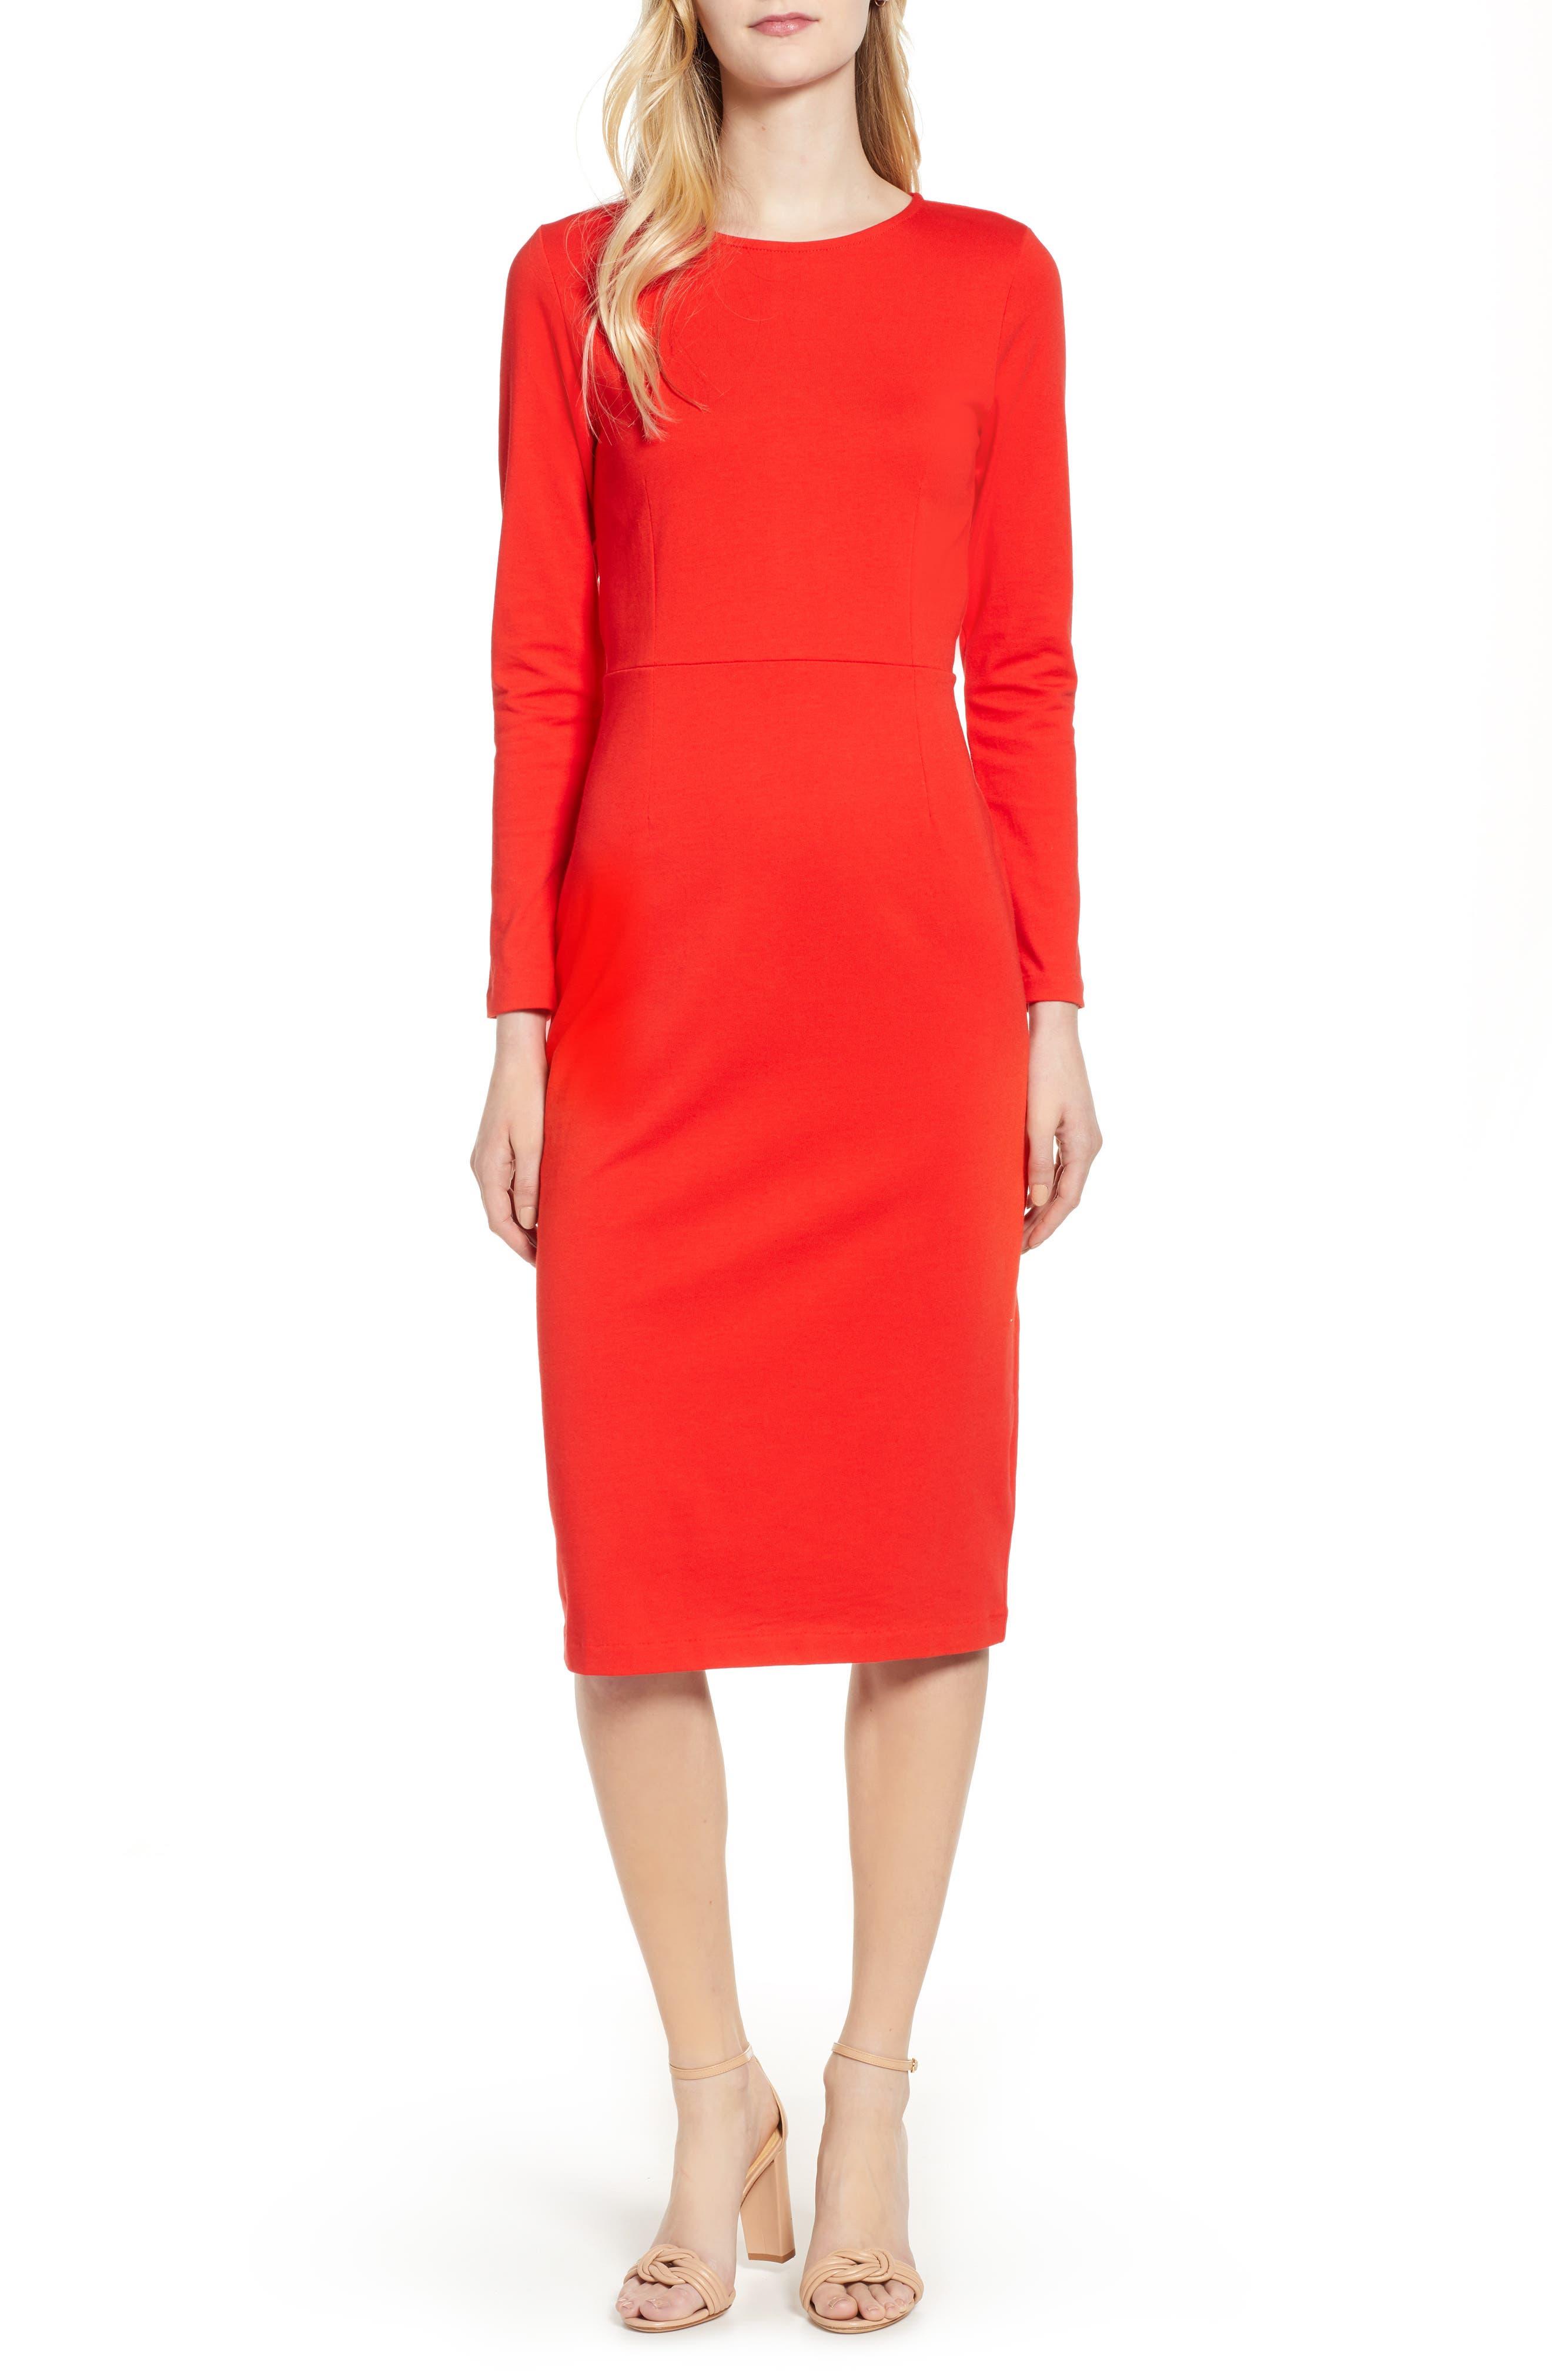 J.CREW, Knit Sheath Dress, Main thumbnail 1, color, BRIGHT CERISE